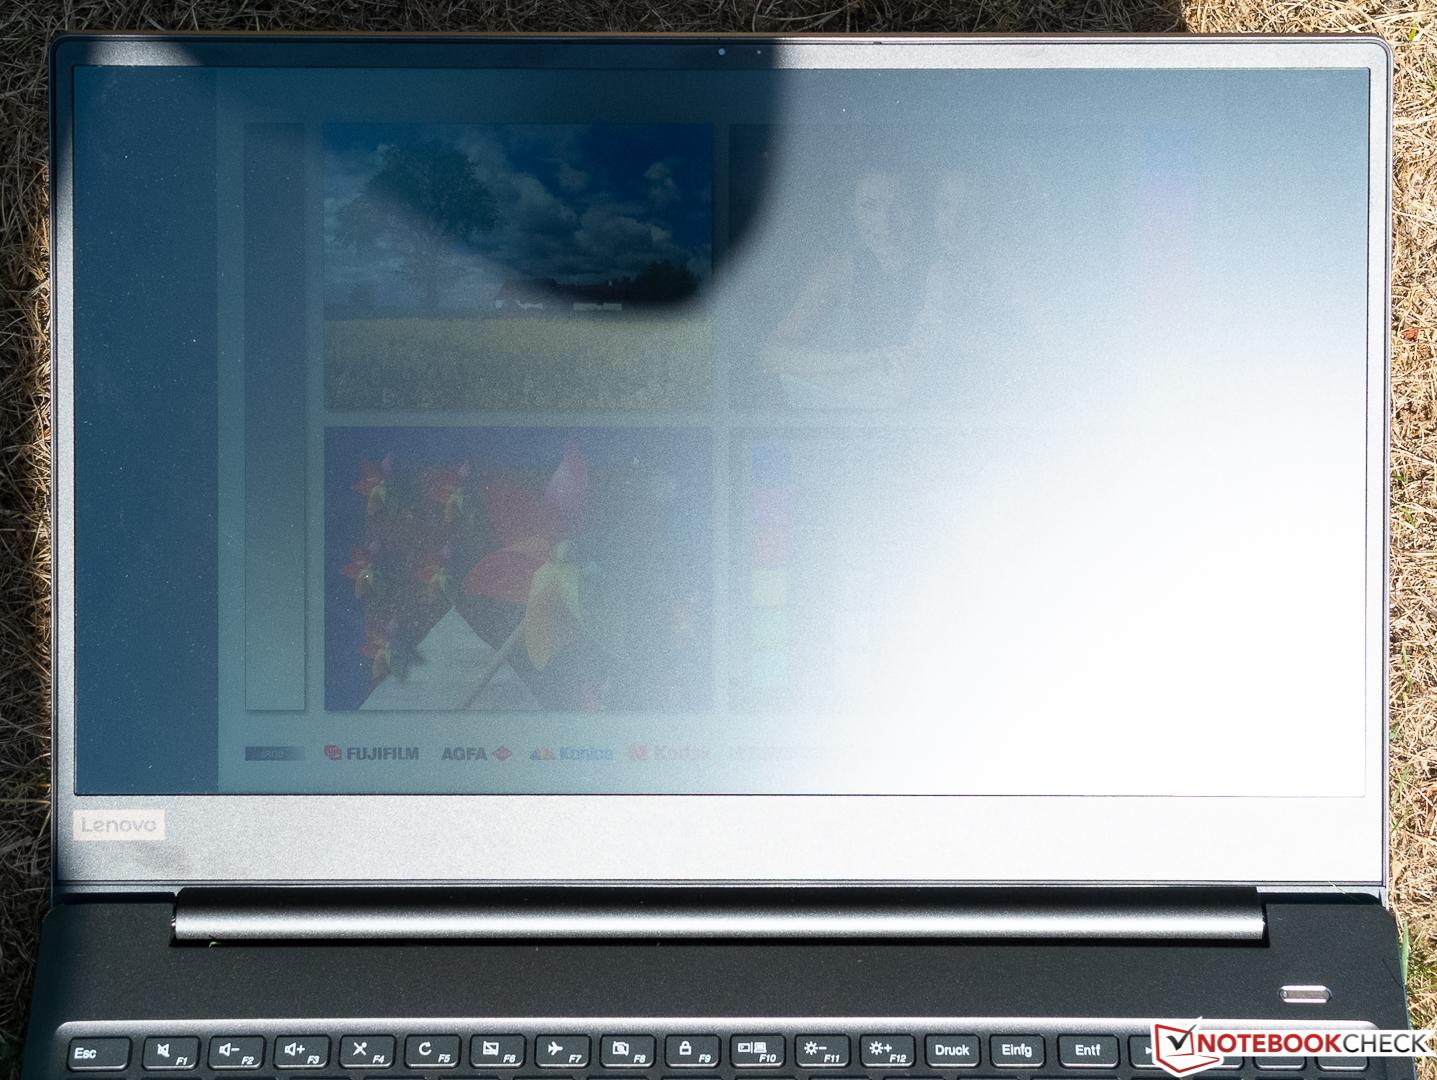 Lenovo Ideapad 720S-15IKB (i7-7700HQ, GTX 1050 Ti Max-Q, SSD